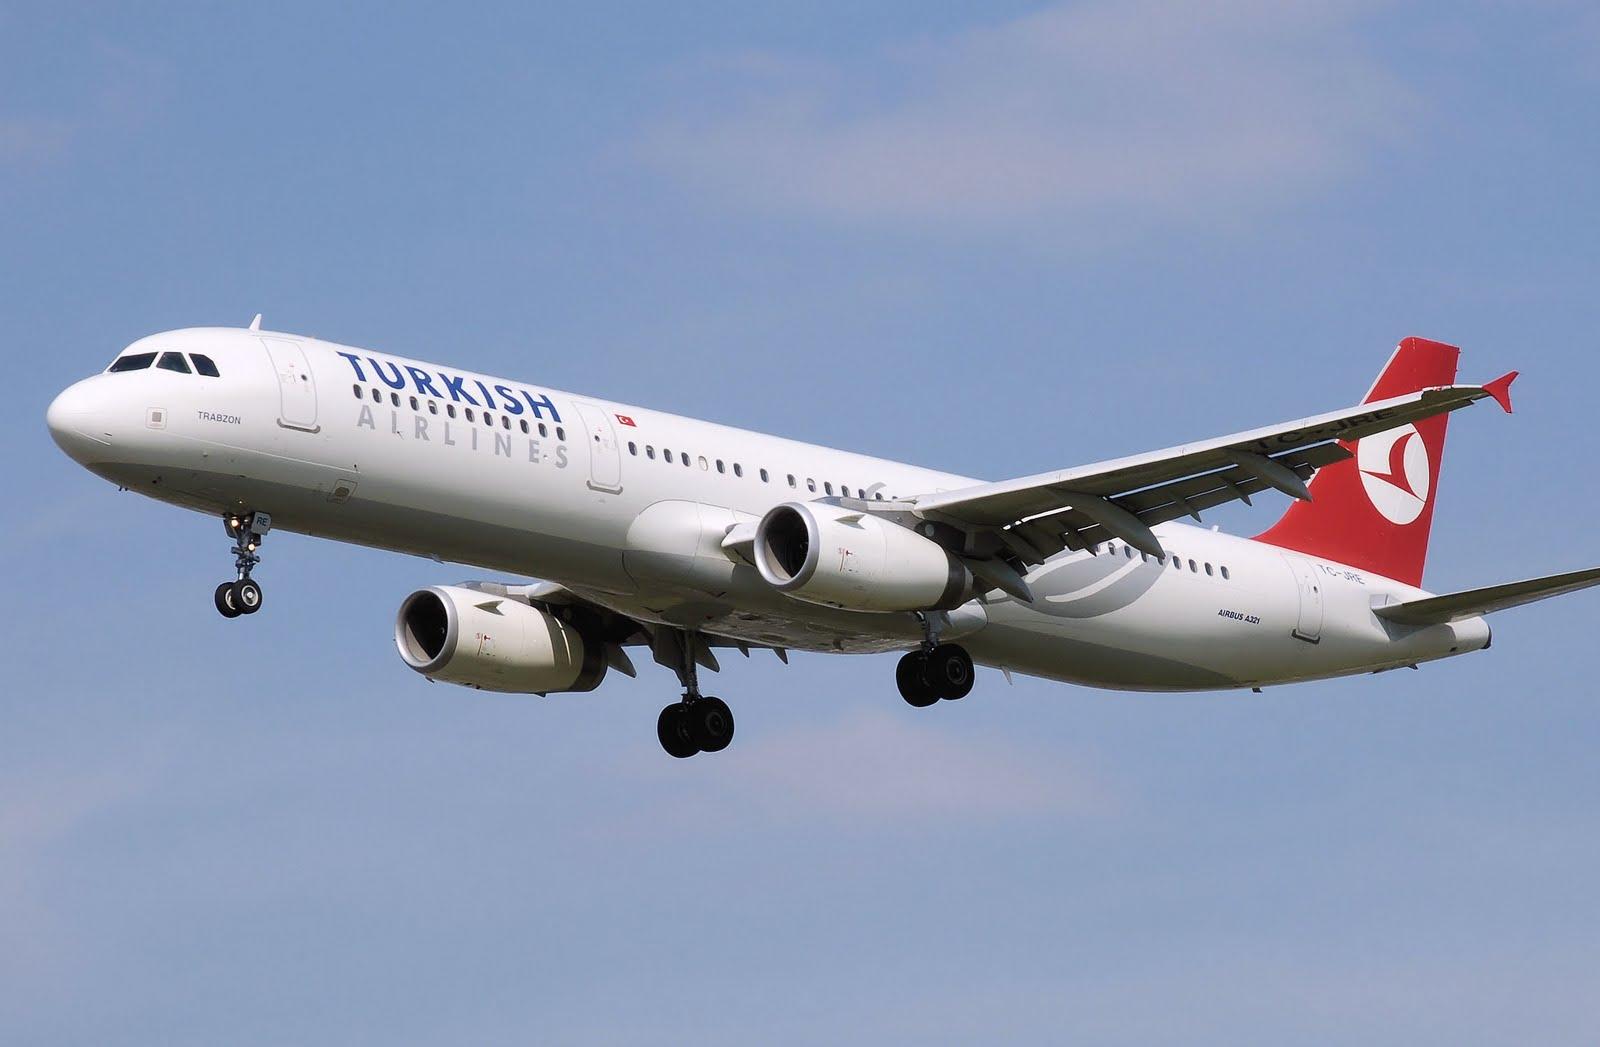 Dünya'nın en çok ülkesine uçan havayolu şirketi türk hava